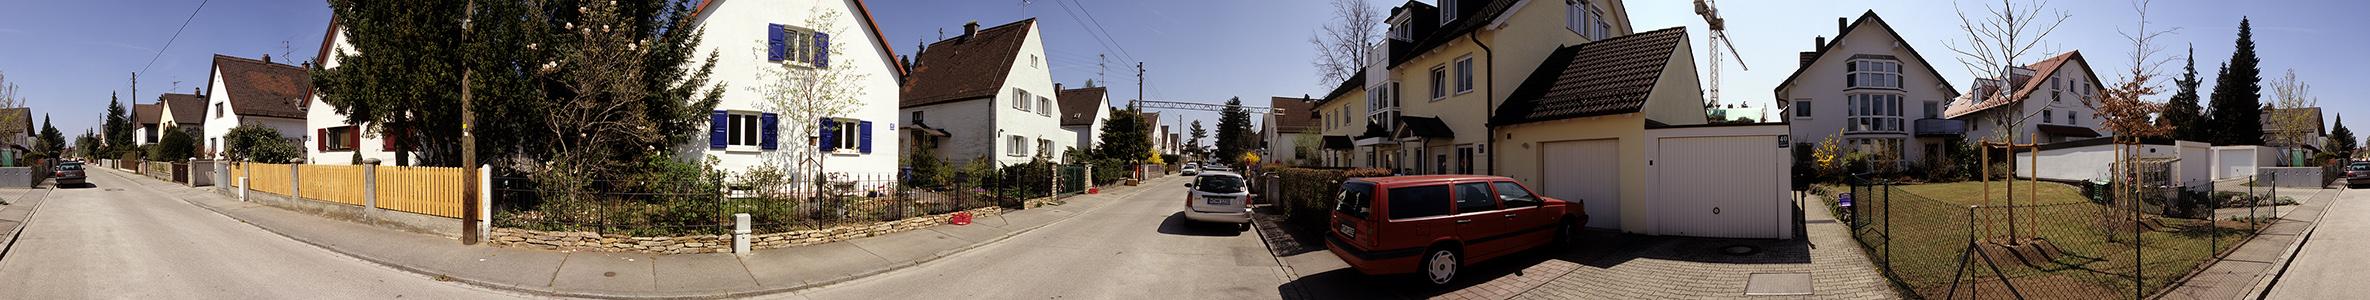 München Gratlspitzstraße 40 und Umgebung